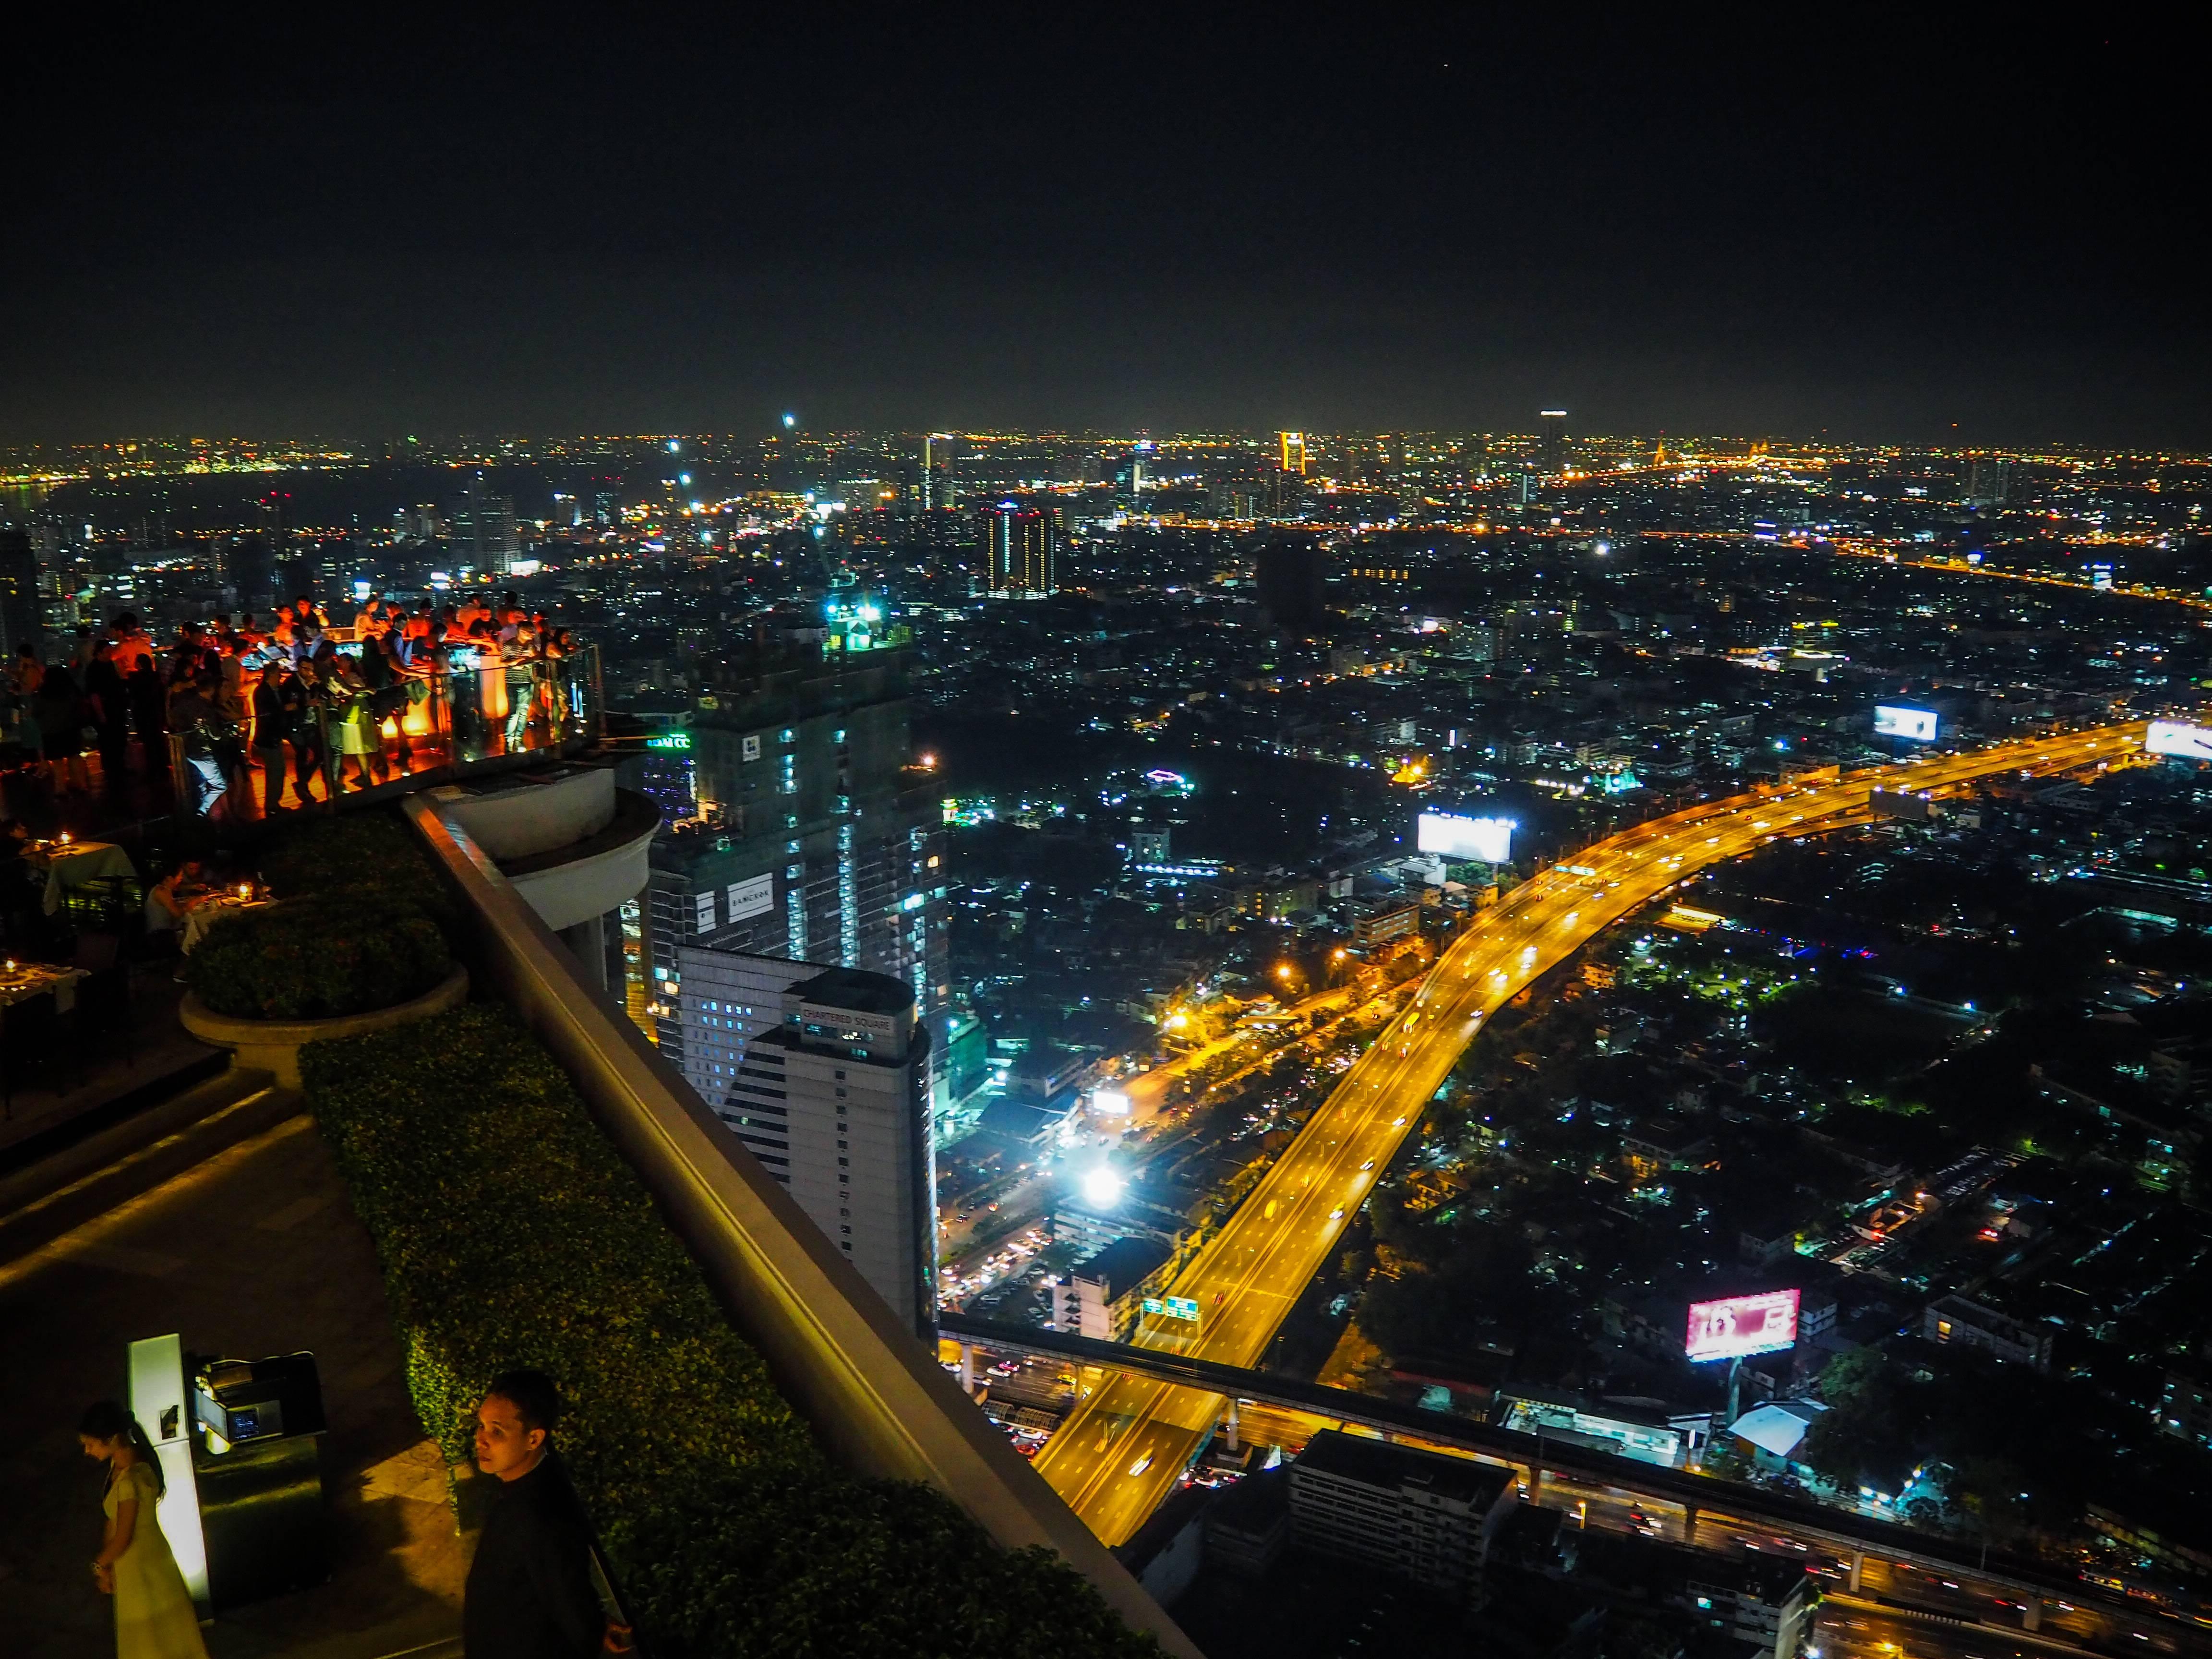 Photo 2: Boire un verre sur un rooftop - Bangkok